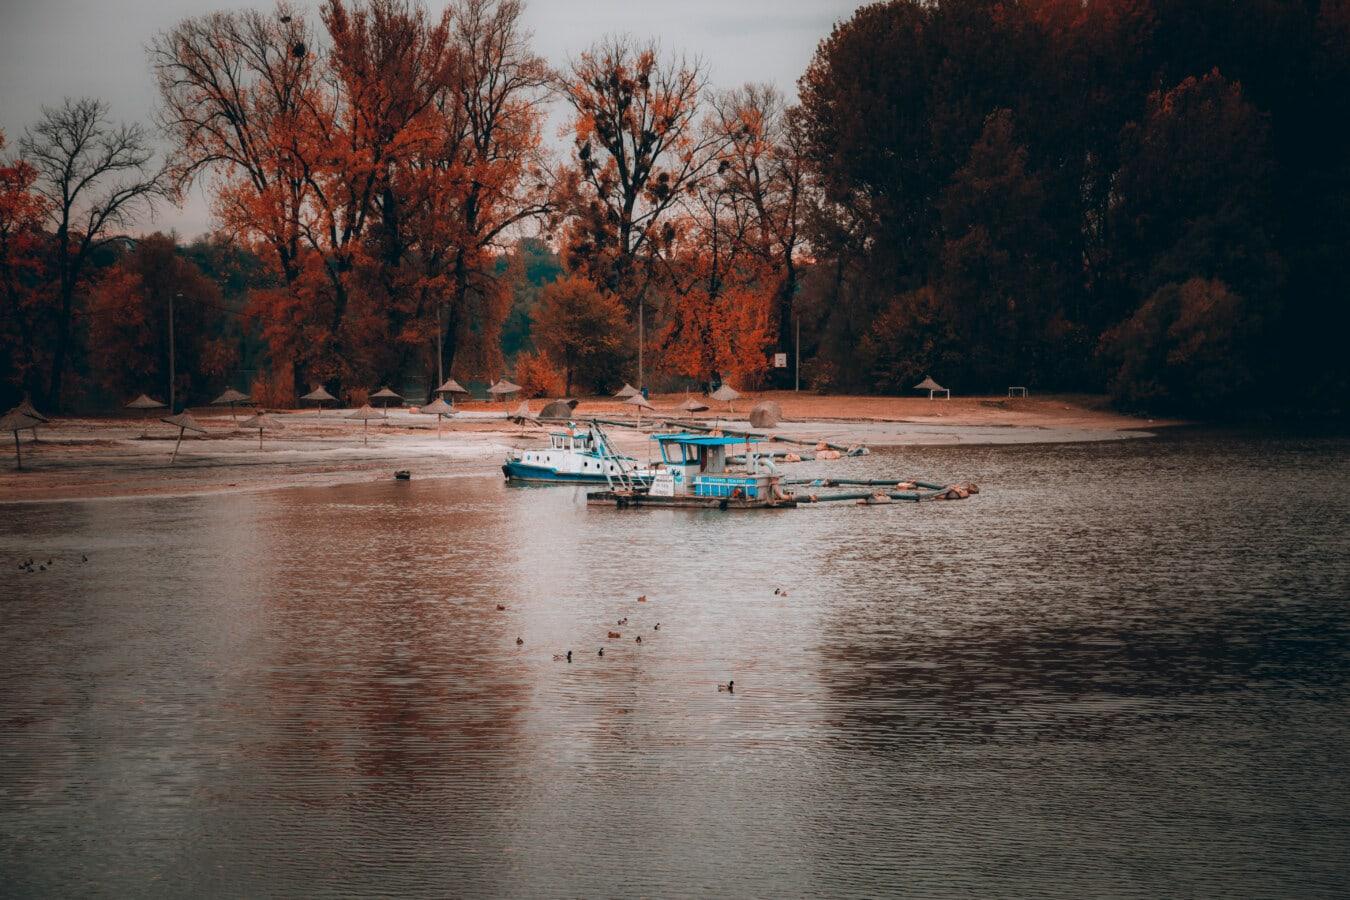 Boote, Schiff, Herbstsaison, Strand, majestätisch, Landschaft, ruhig, Boot, Wasser, Fluss